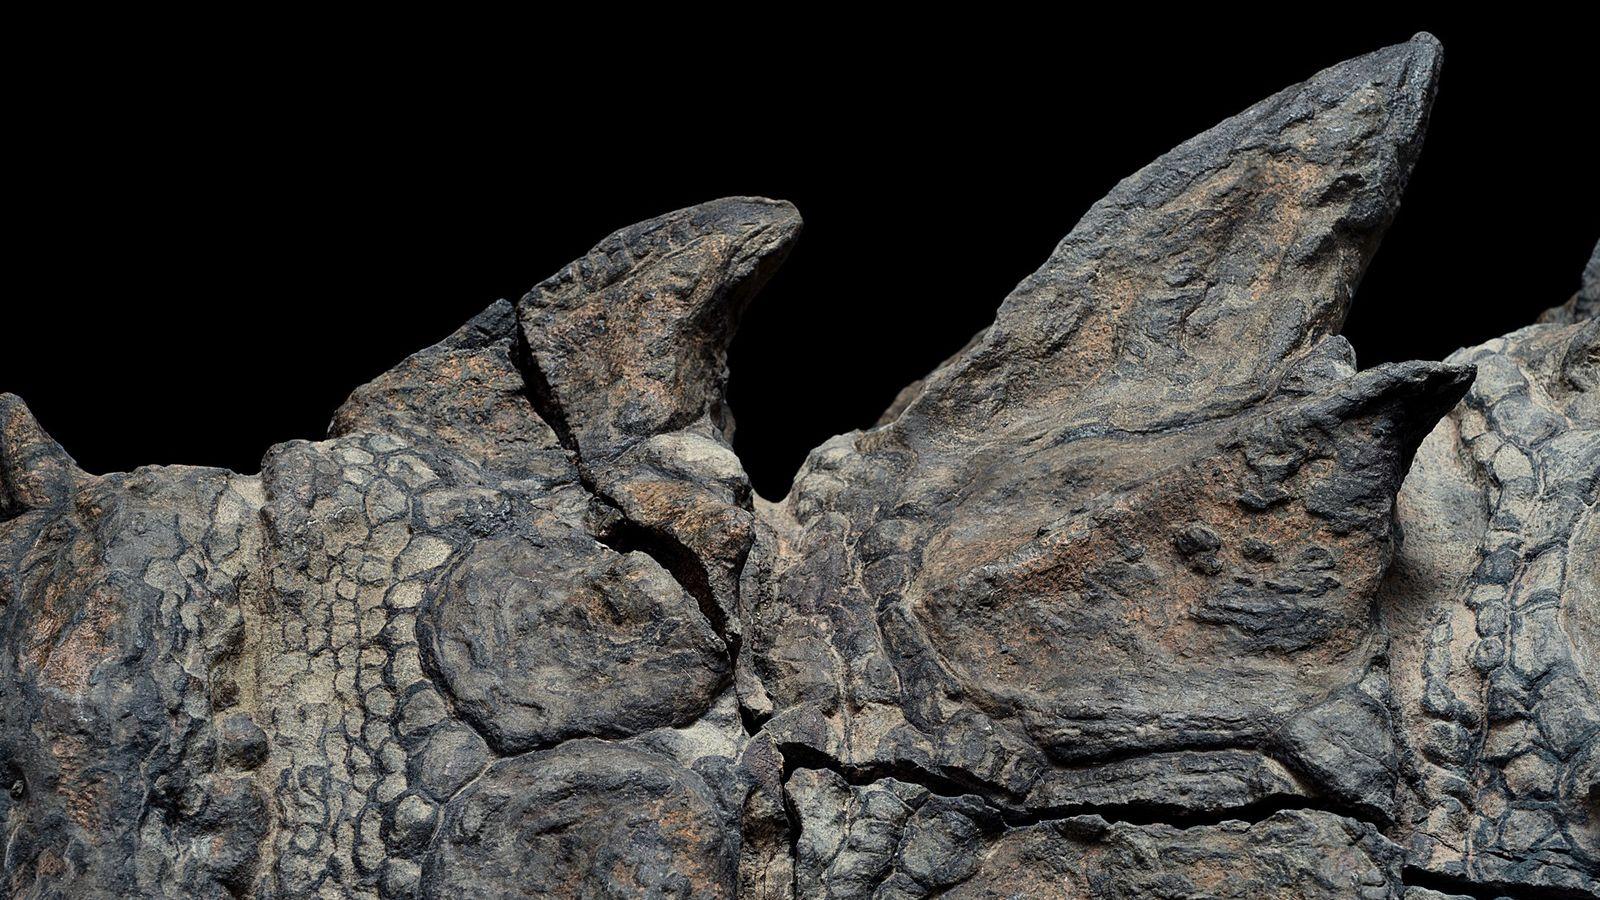 Platten des gepanzerten Dinosauriers